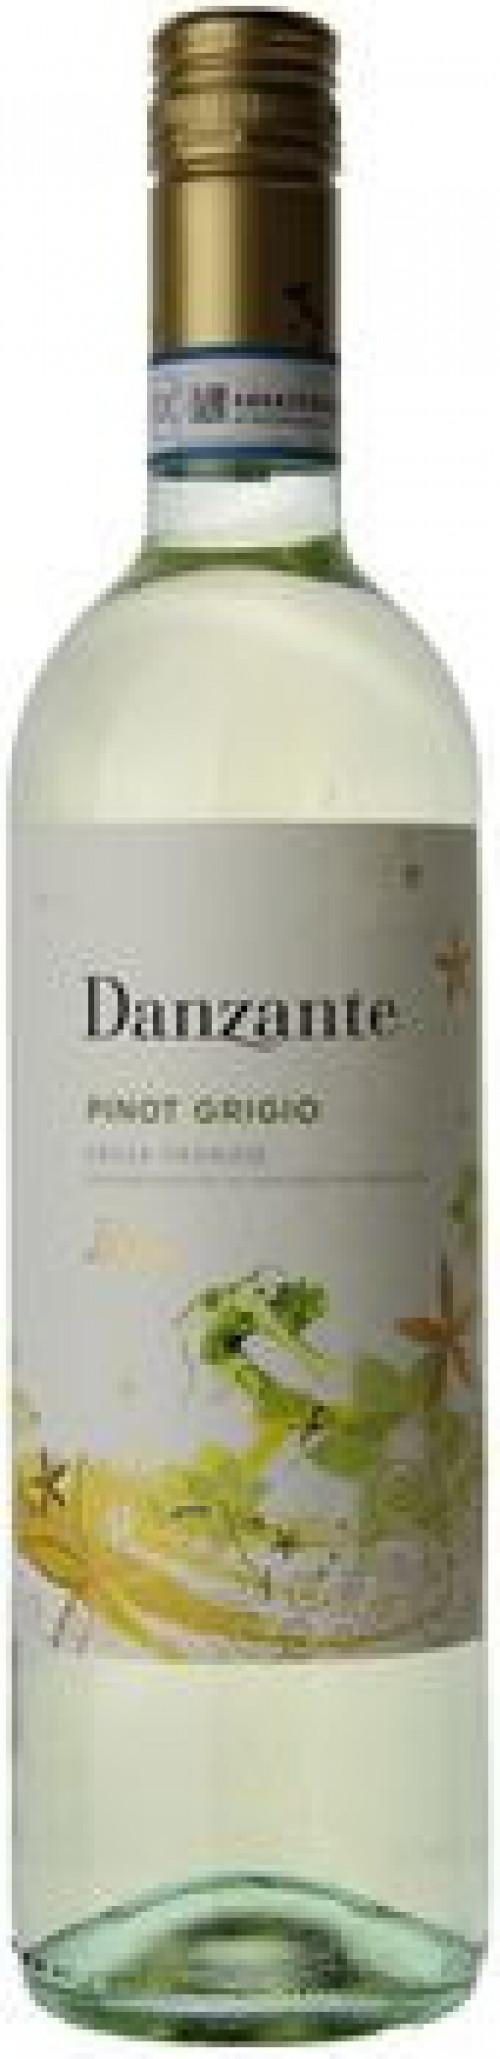 Danzante Pinot Grigio 750ml